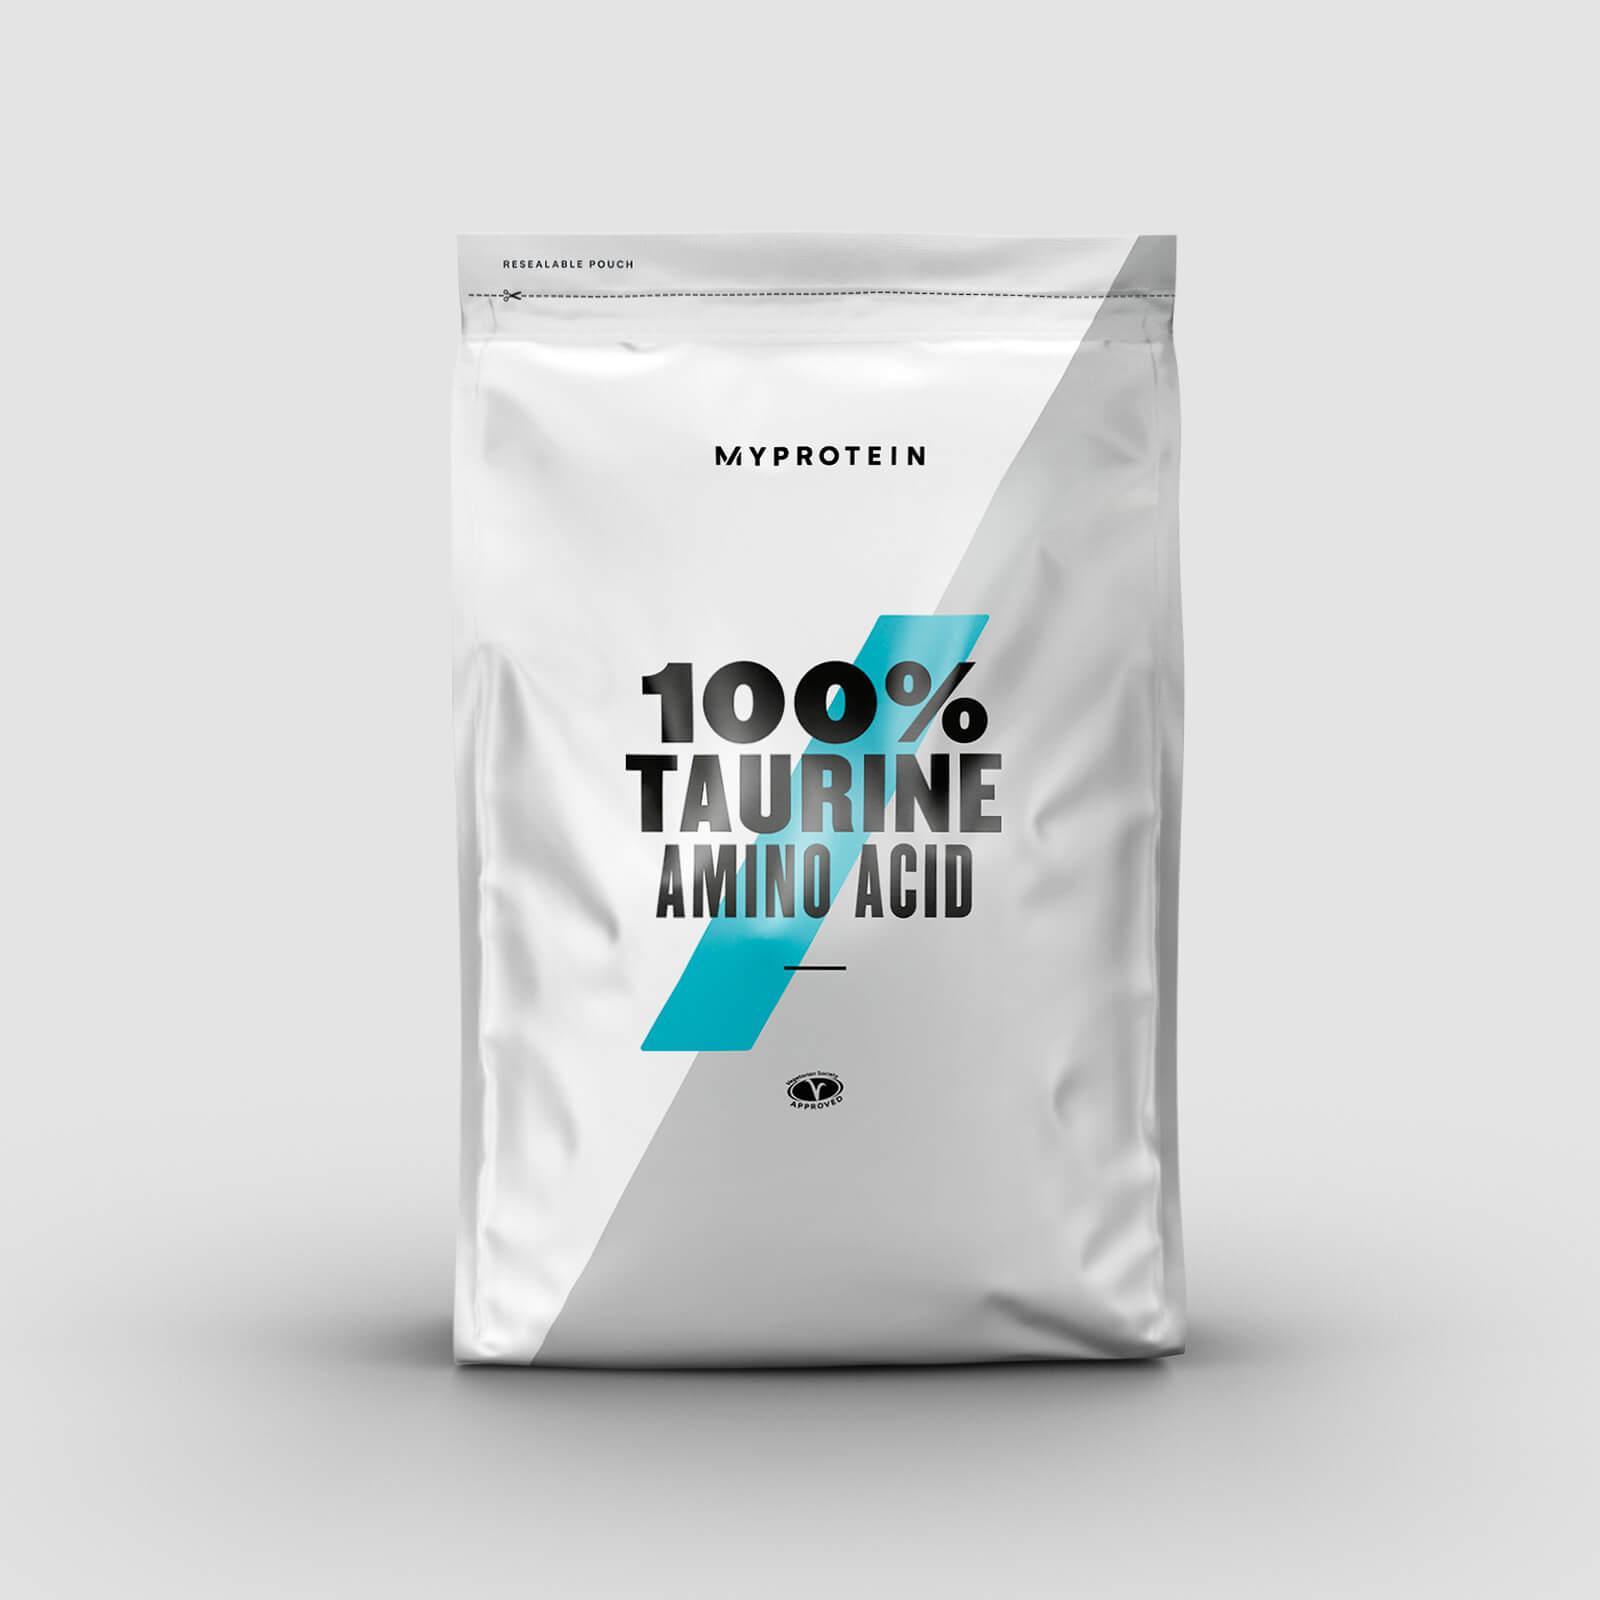 Myprotein Taurine - 1kg - Sans arôme ajouté